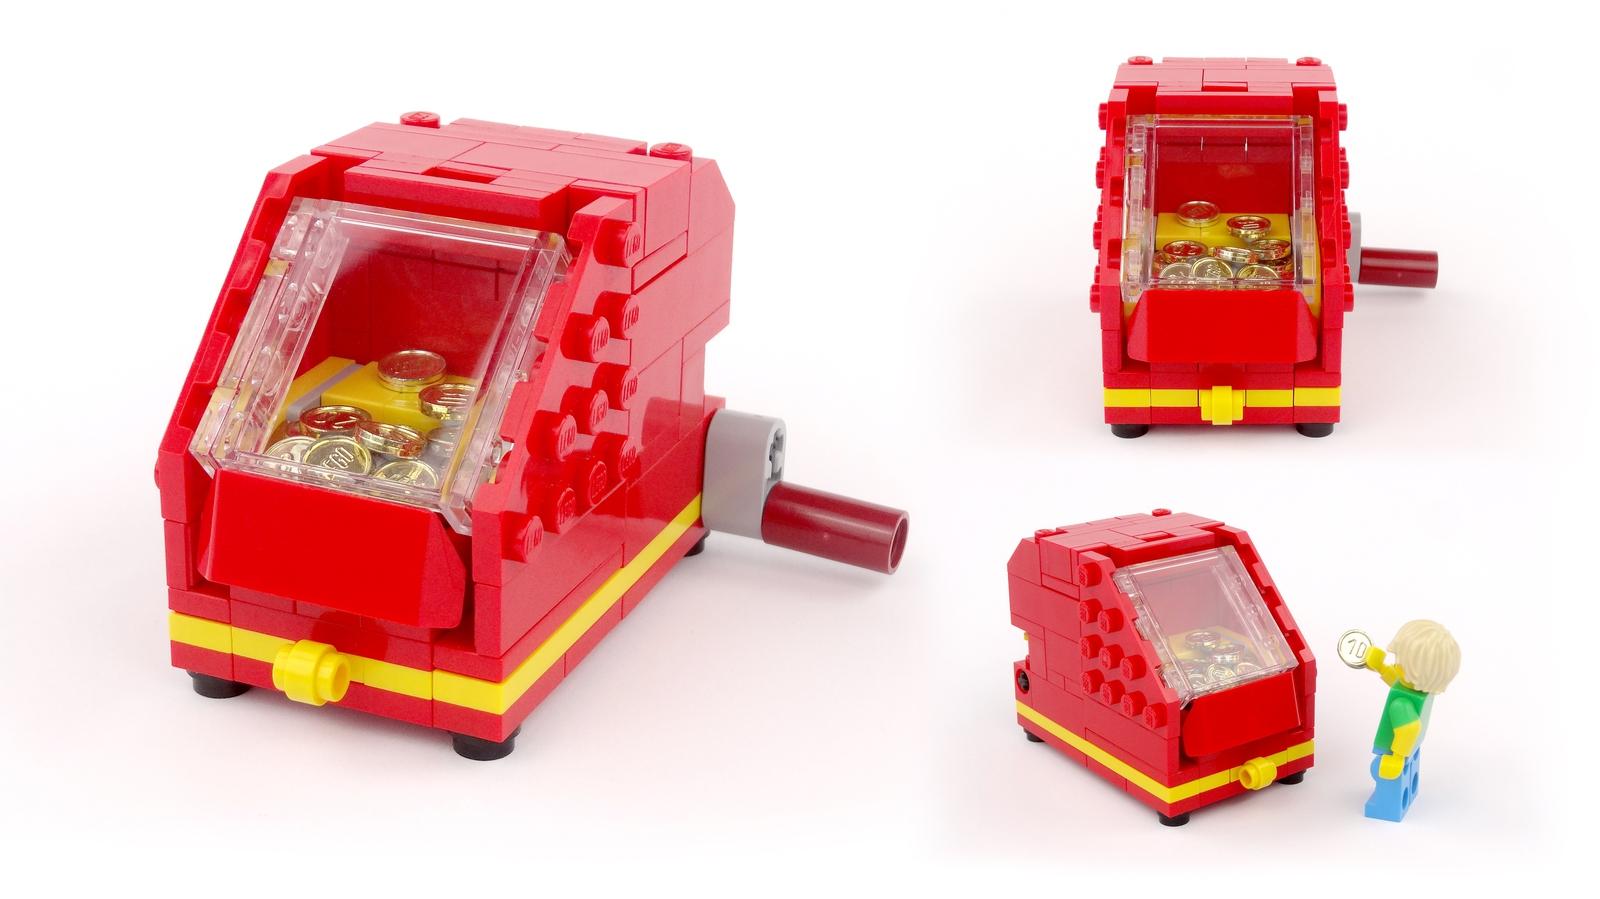 lego-ideas-working-arcade-machines-muenzen-legoparadise zusammengebaut.com